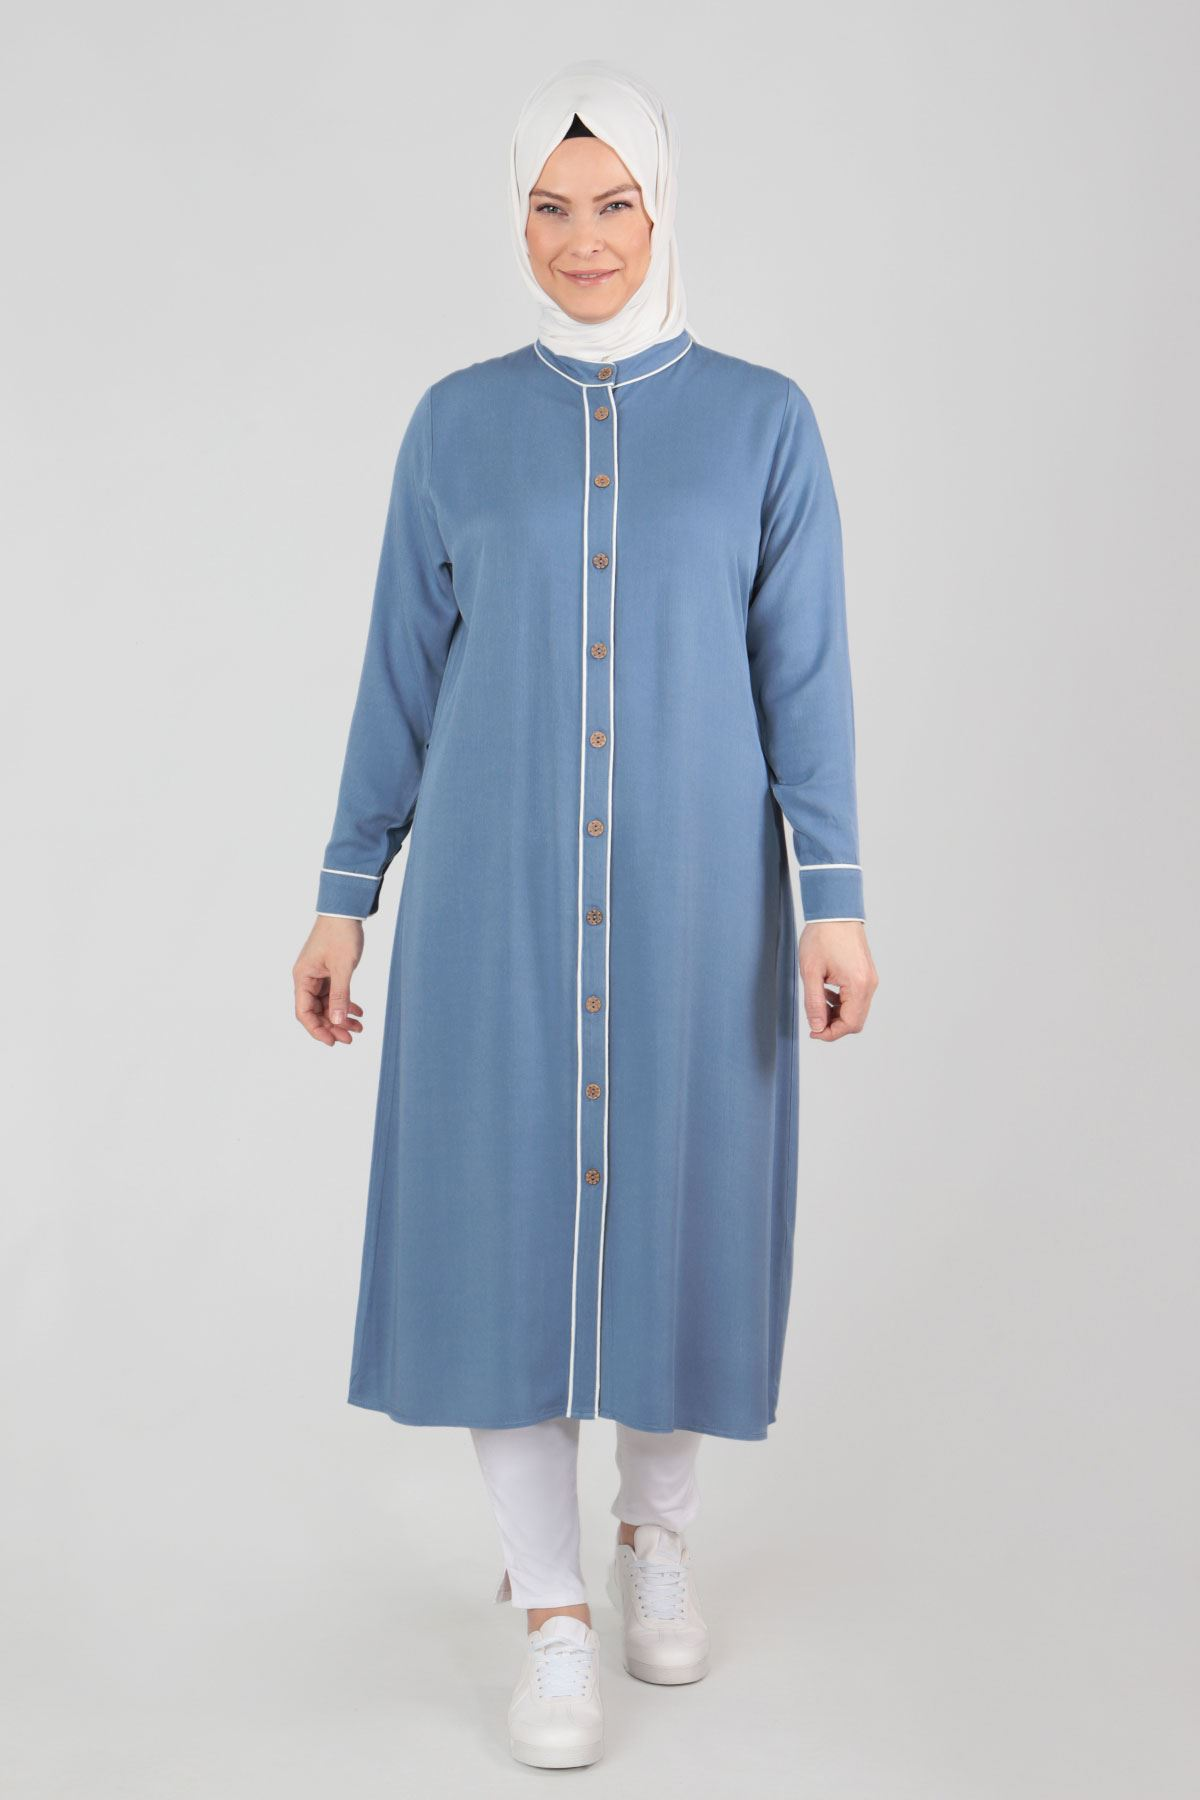 Büyük Beden Tesettür Tunik 23014 Mavi